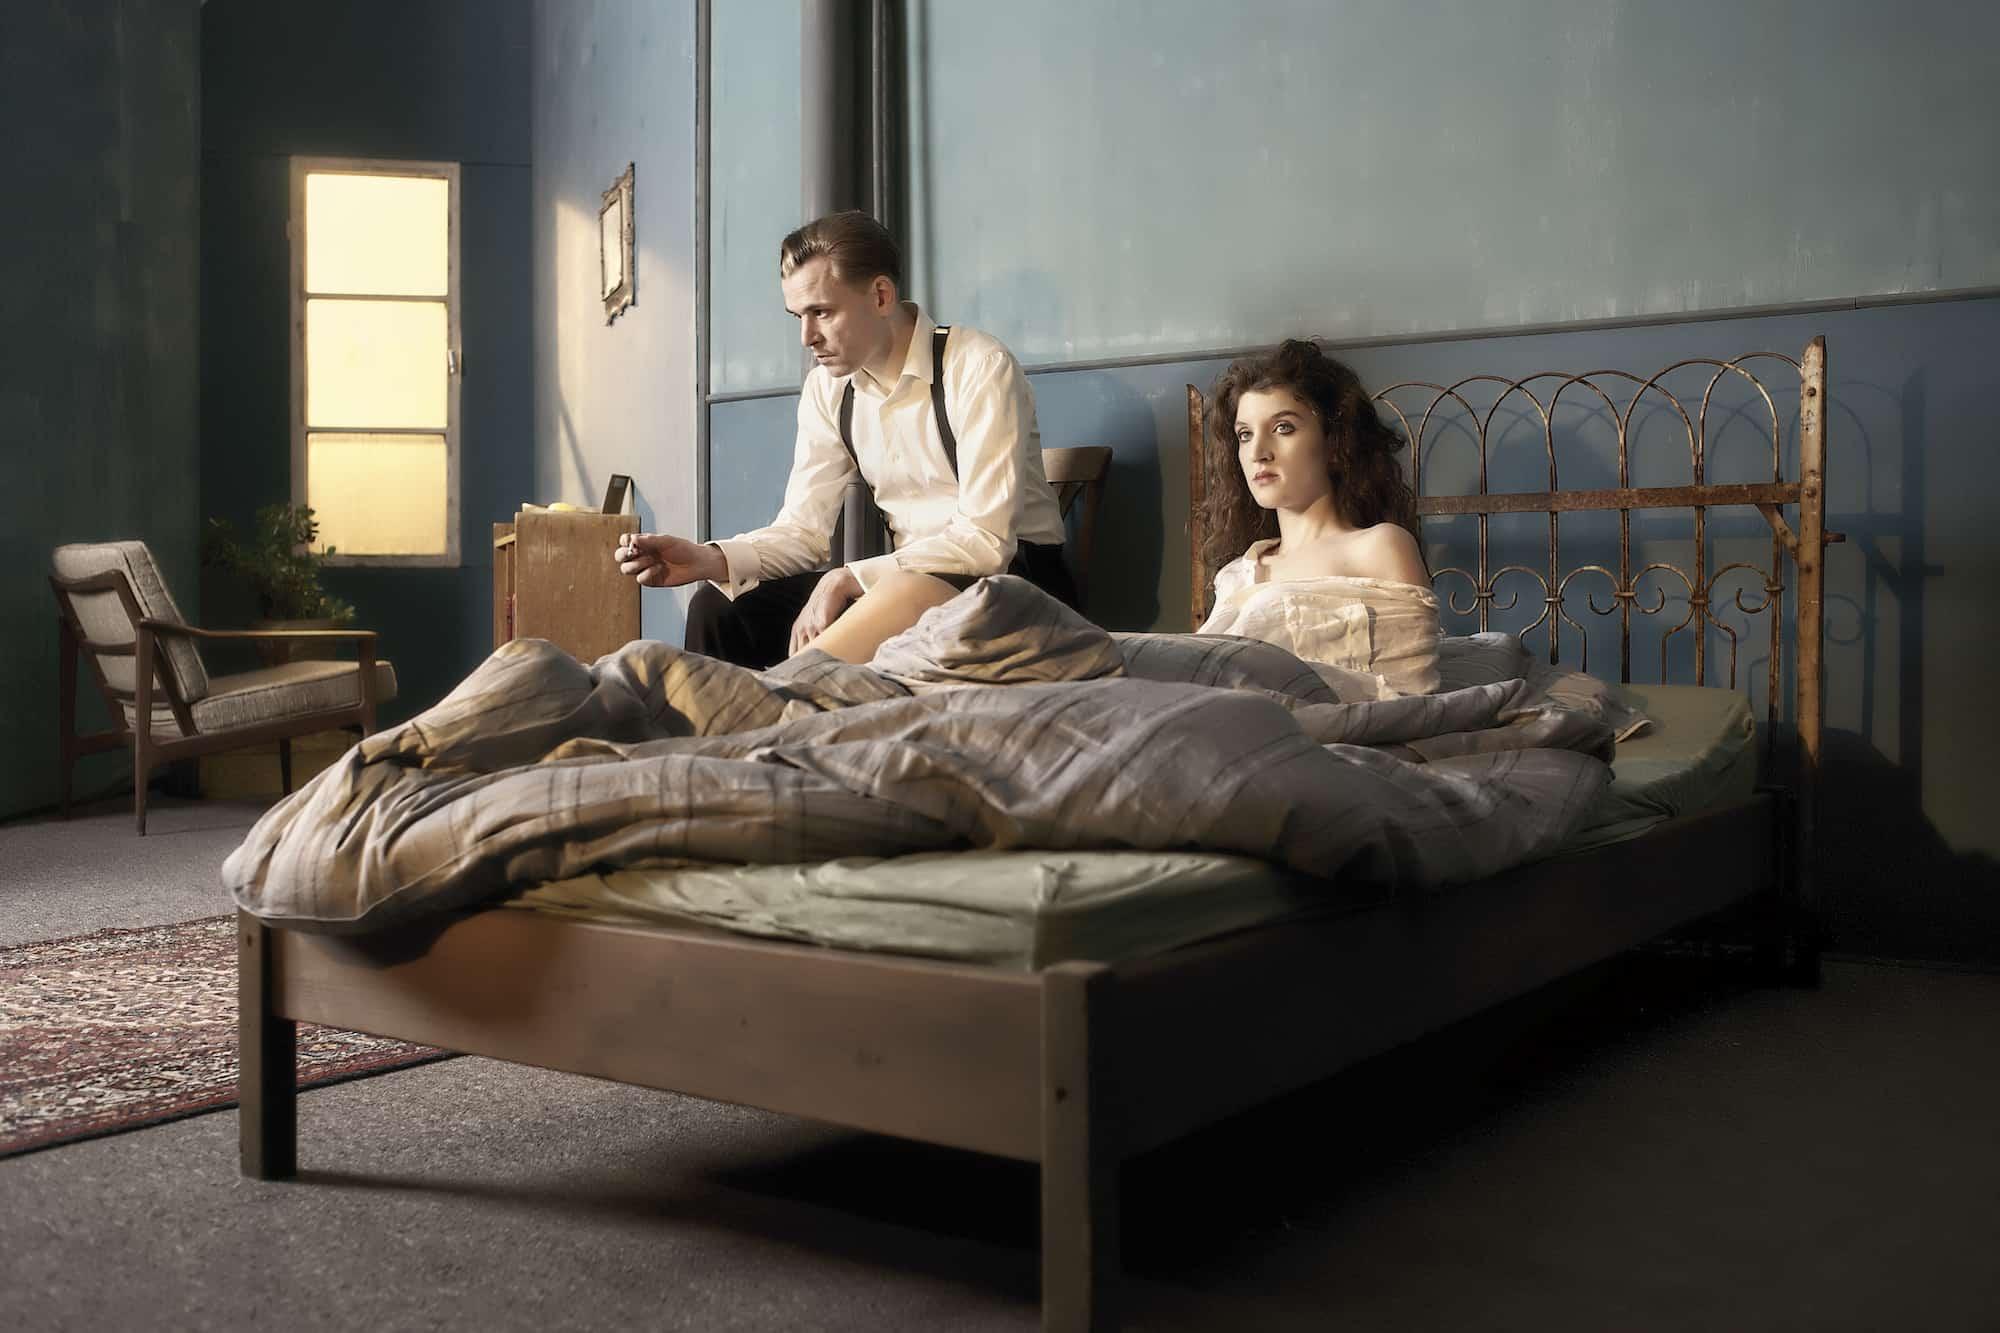 lower_eastside_couple_aus_der_serie_the_hopper_files 87080